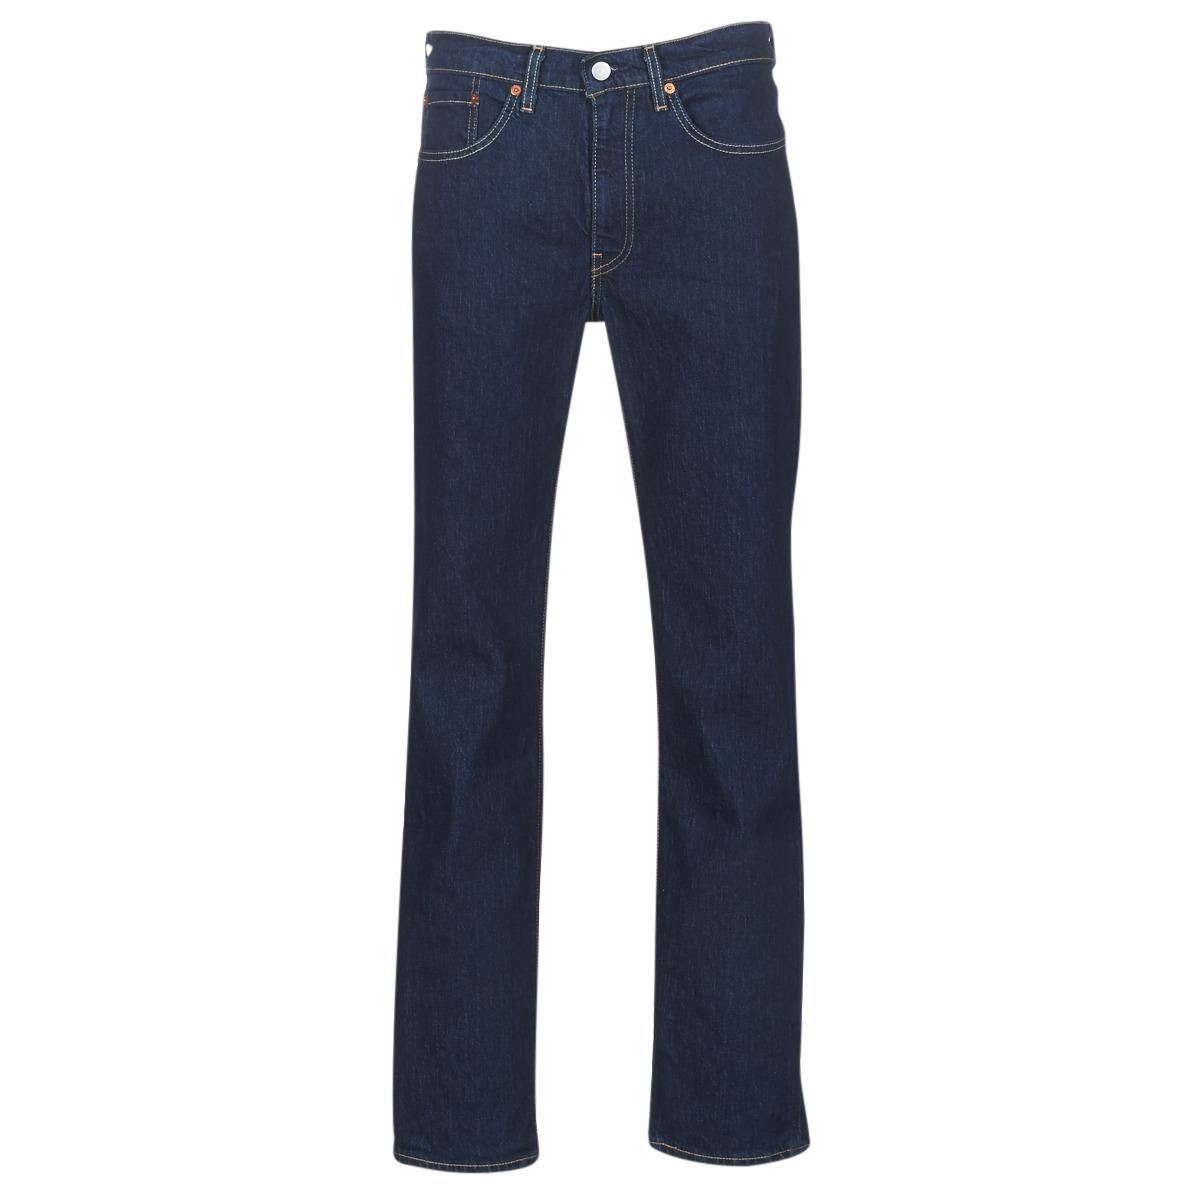 NOUVEAU Joli Jeans Femmes Rock en Bleu A-Line avec boutons Fermer Taille 38//40